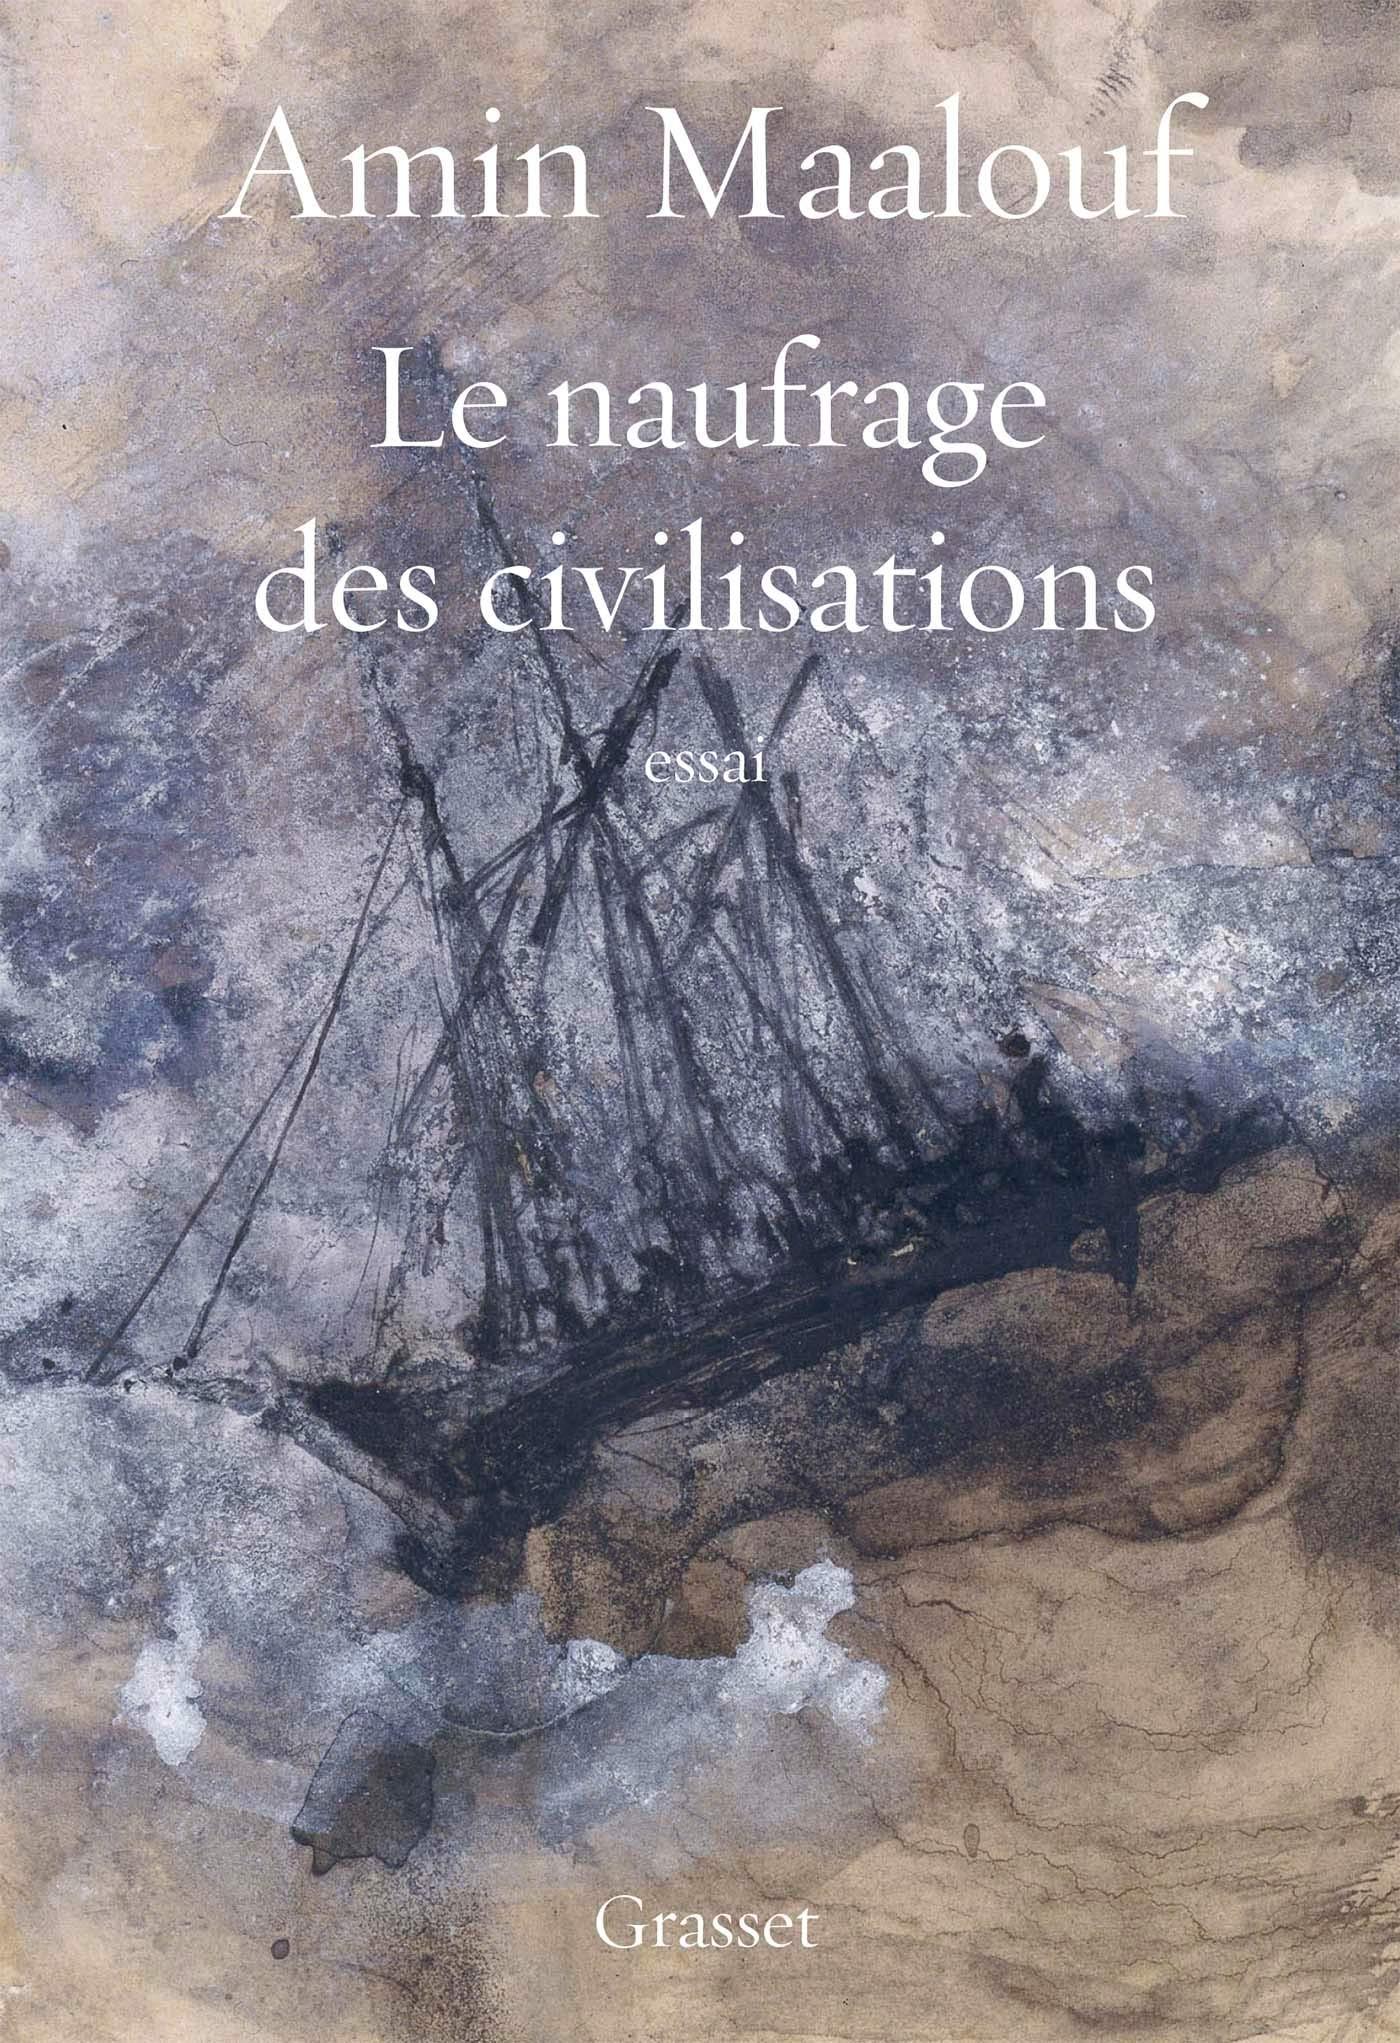 Le naufrage des civilisations: essai